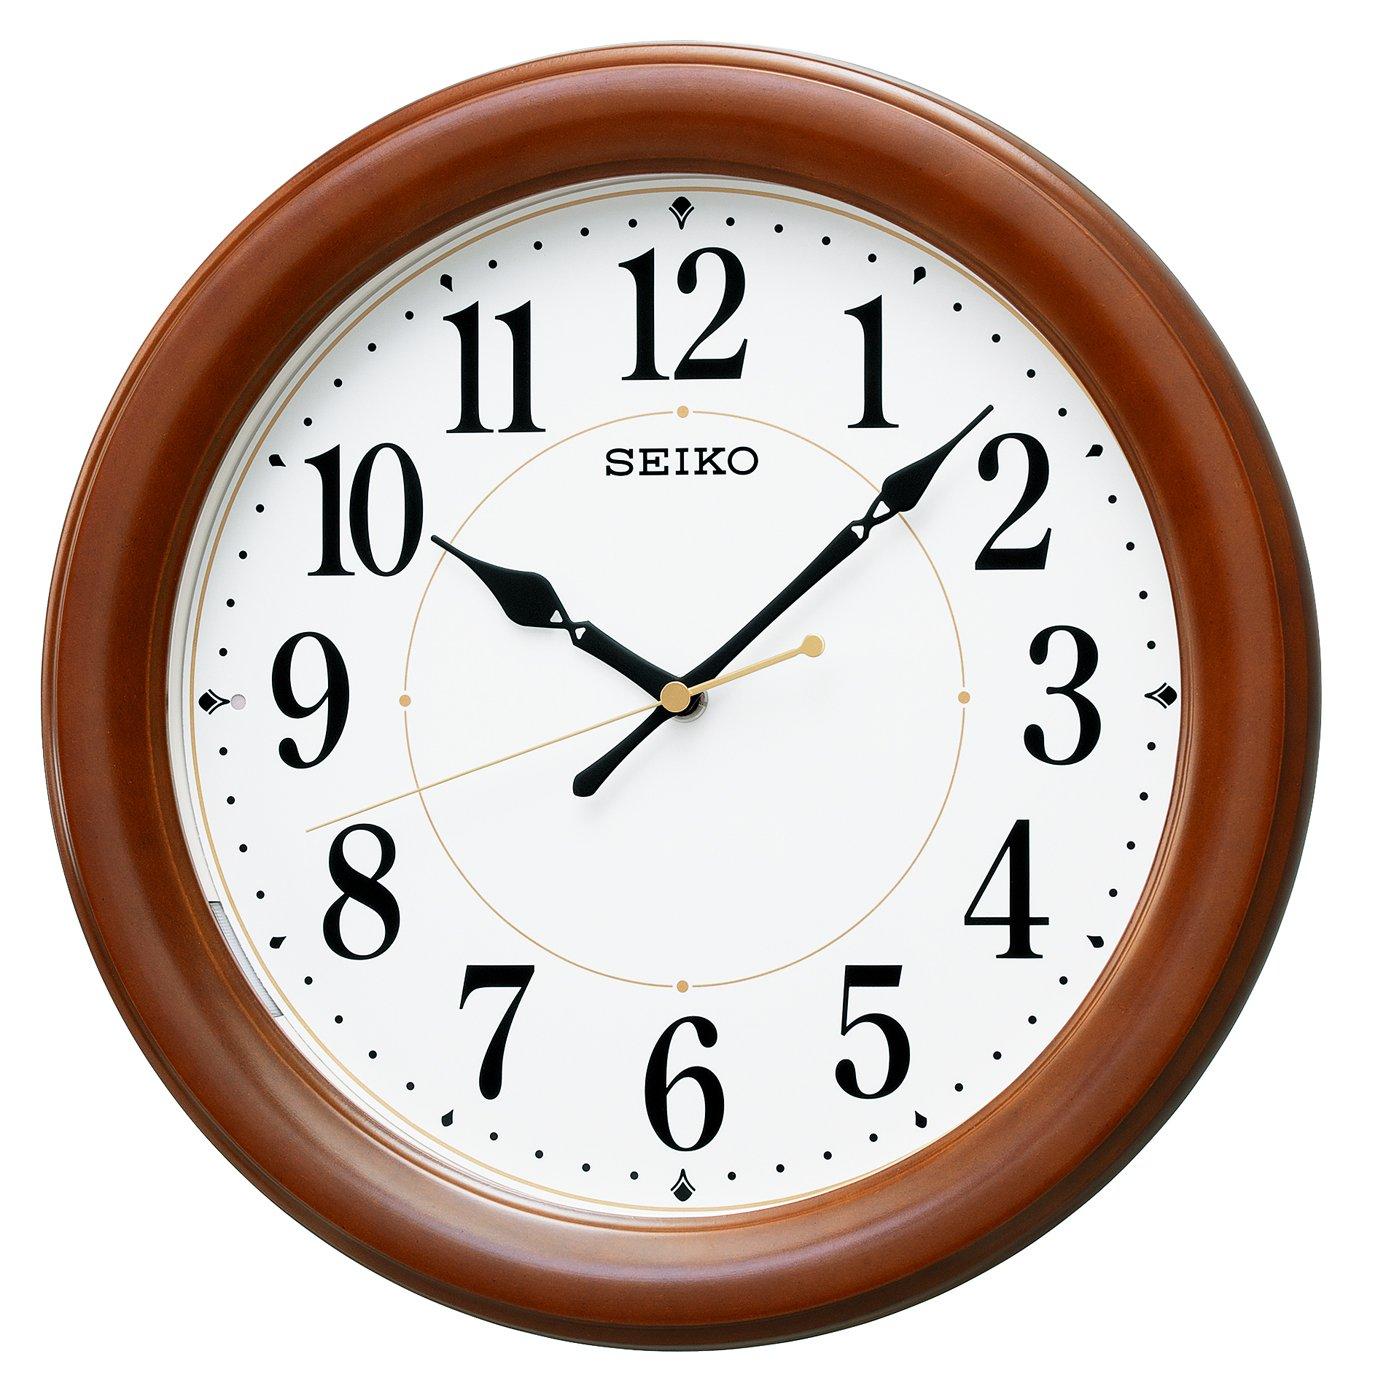 セイコー クロック 掛け時計 自動点灯 電波 アナログ 夜でも見える 木枠 茶 木地 KX204B SEIKO B015CELJOE